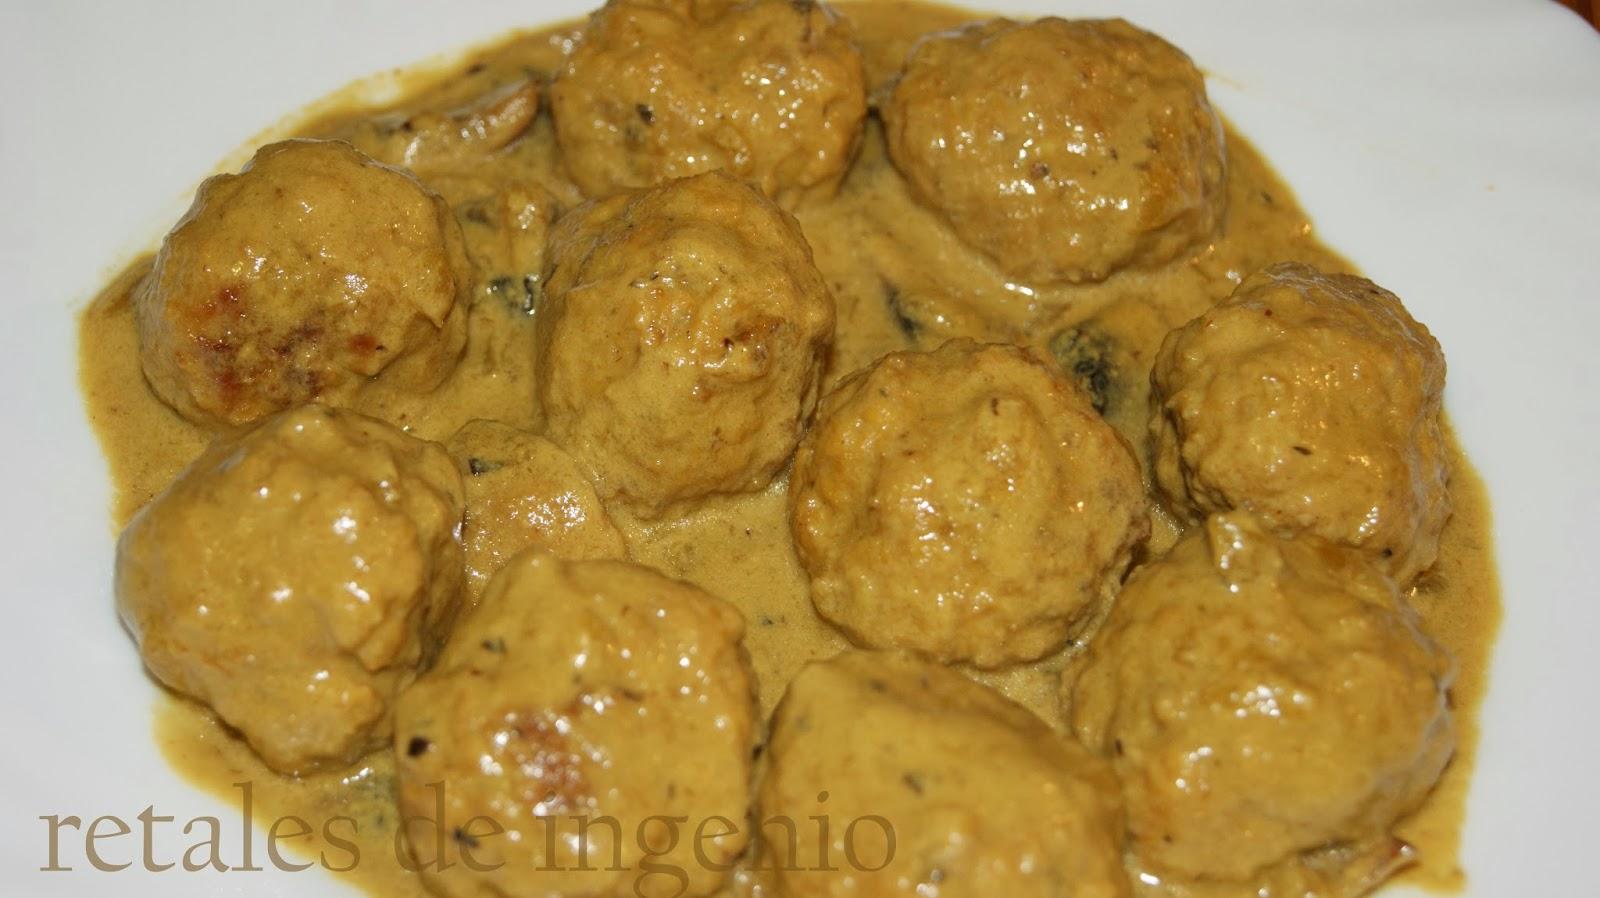 Retales de ingenio recetas y diet tica alb ndigas en salsa de mostaza - Albondigas tradicionales ...